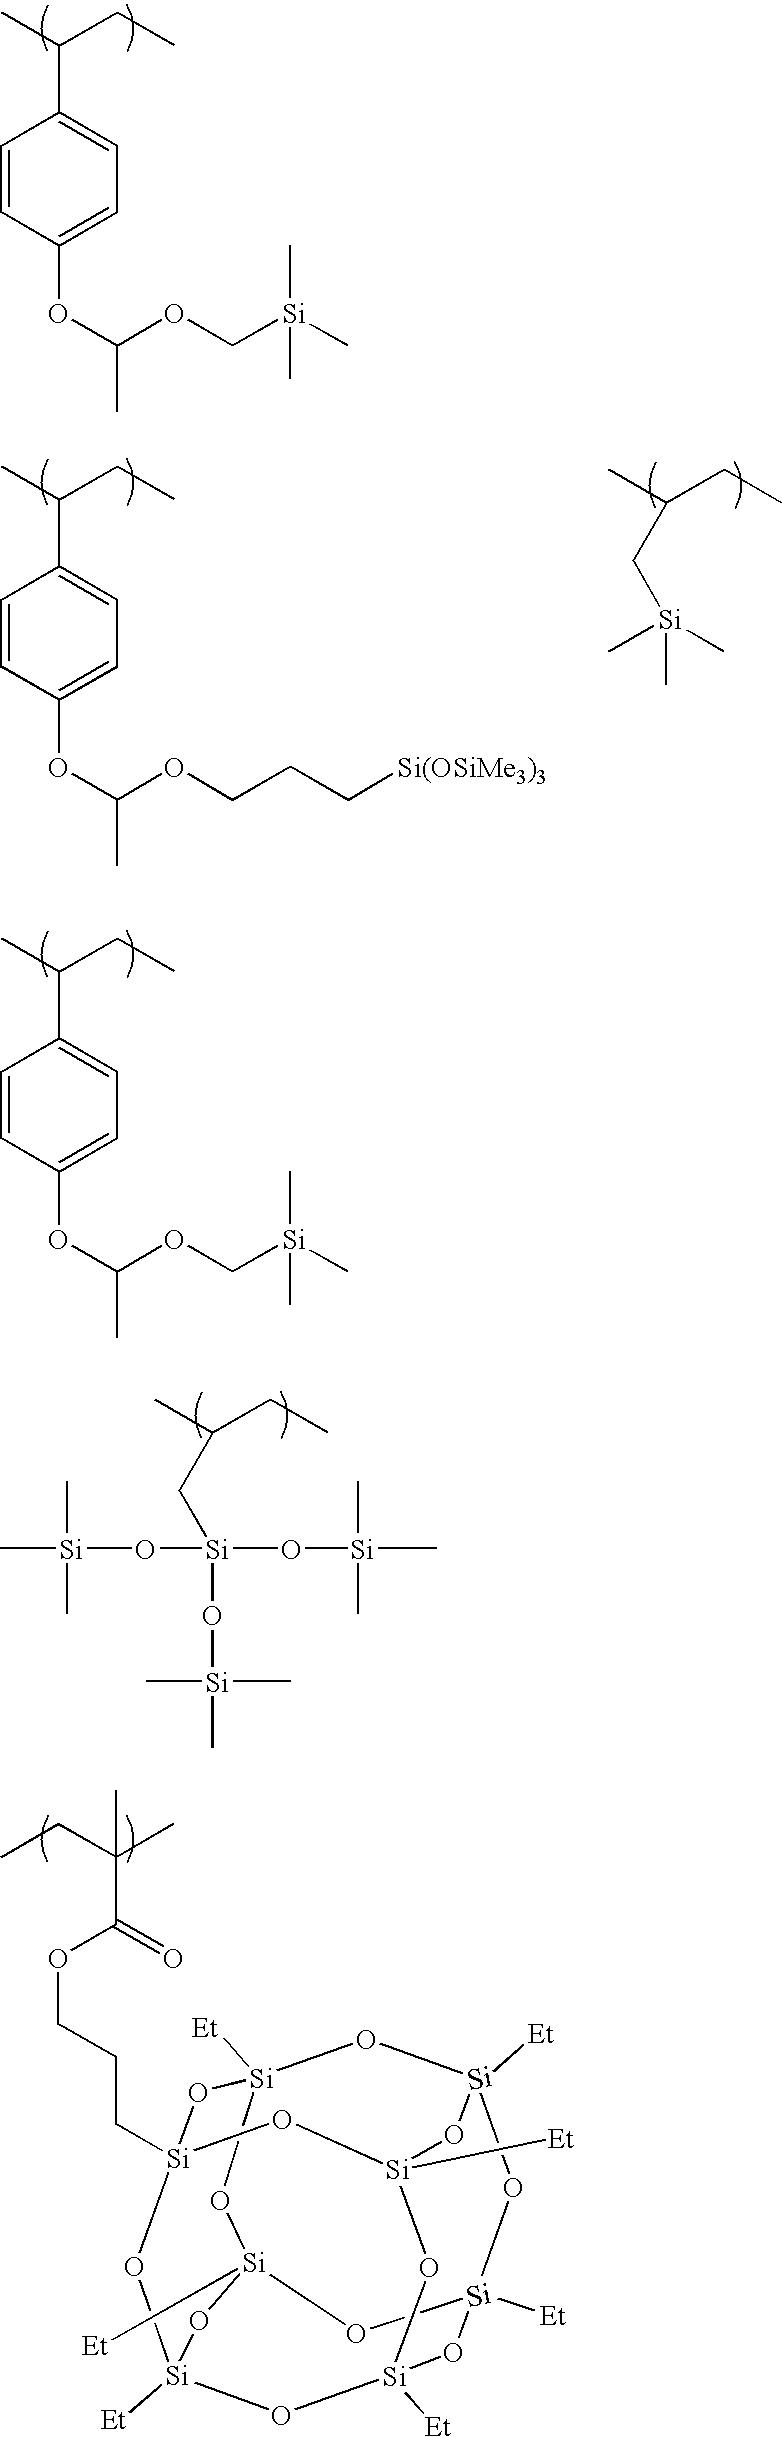 Figure US20080199814A1-20080821-C00012